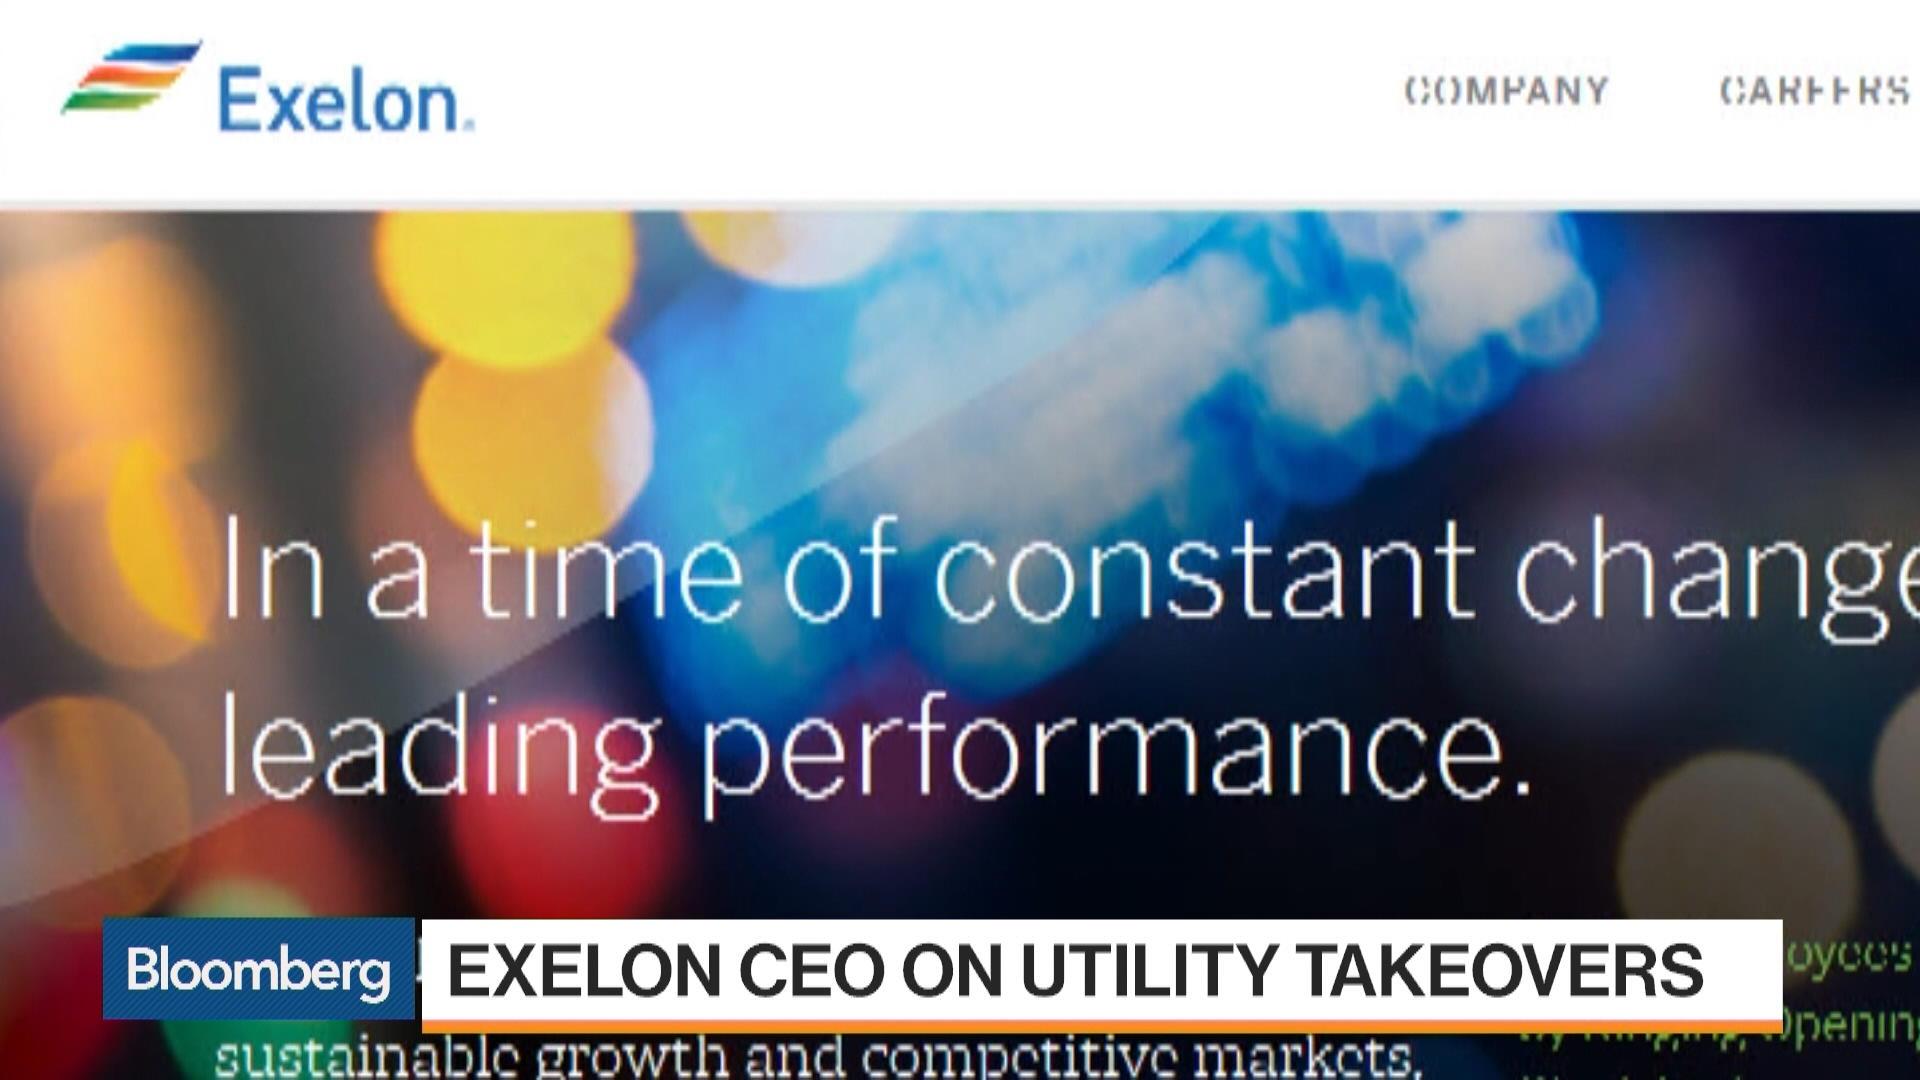 Excnew York Stock Quote Exelon Corp Bloomberg Markets